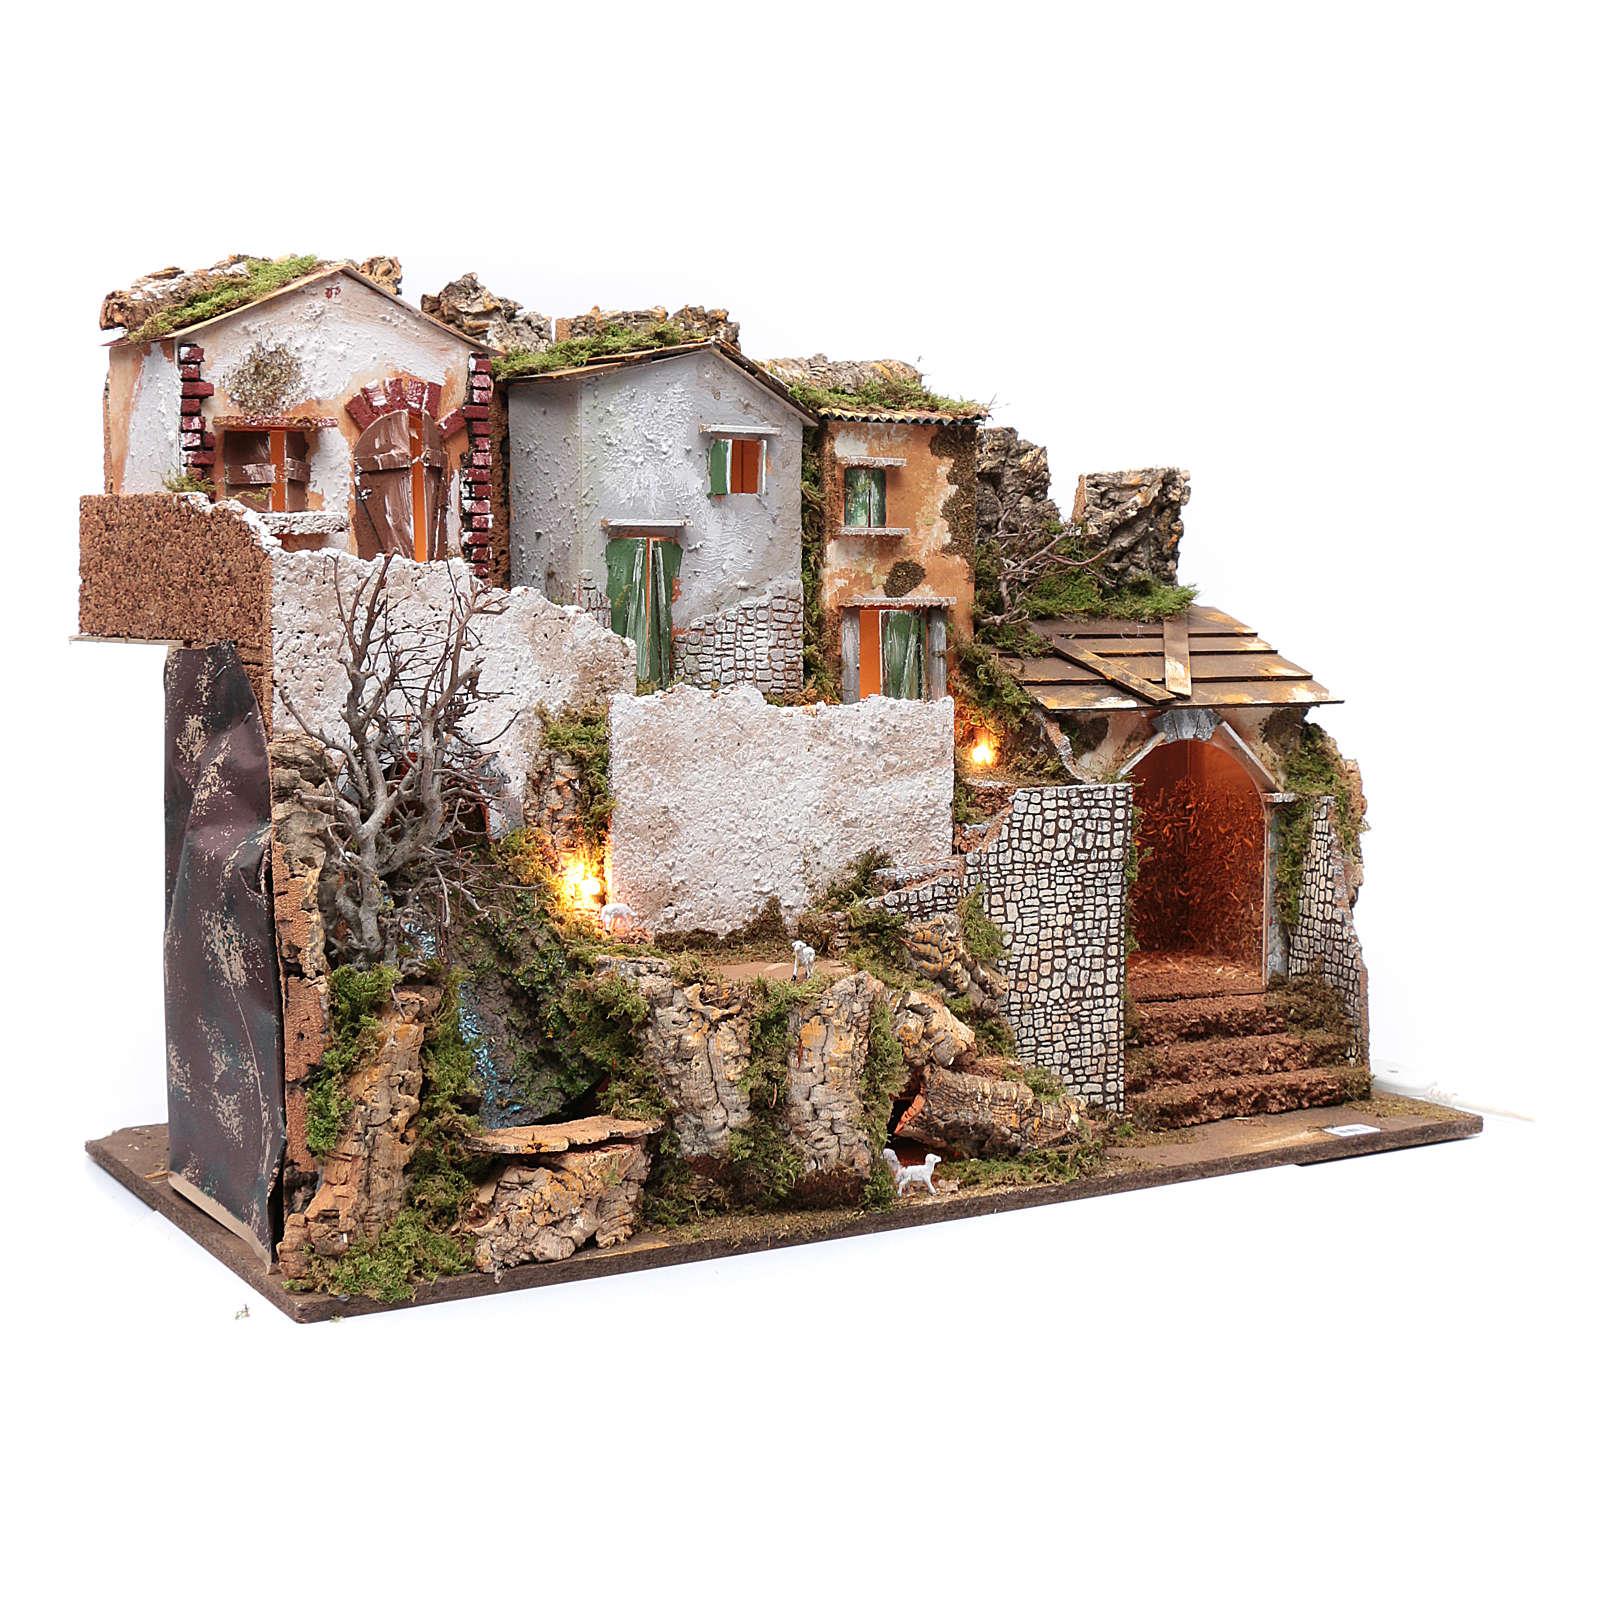 Escenografía pesebre con casitas, cascada y luces 55x75x40 cm 4